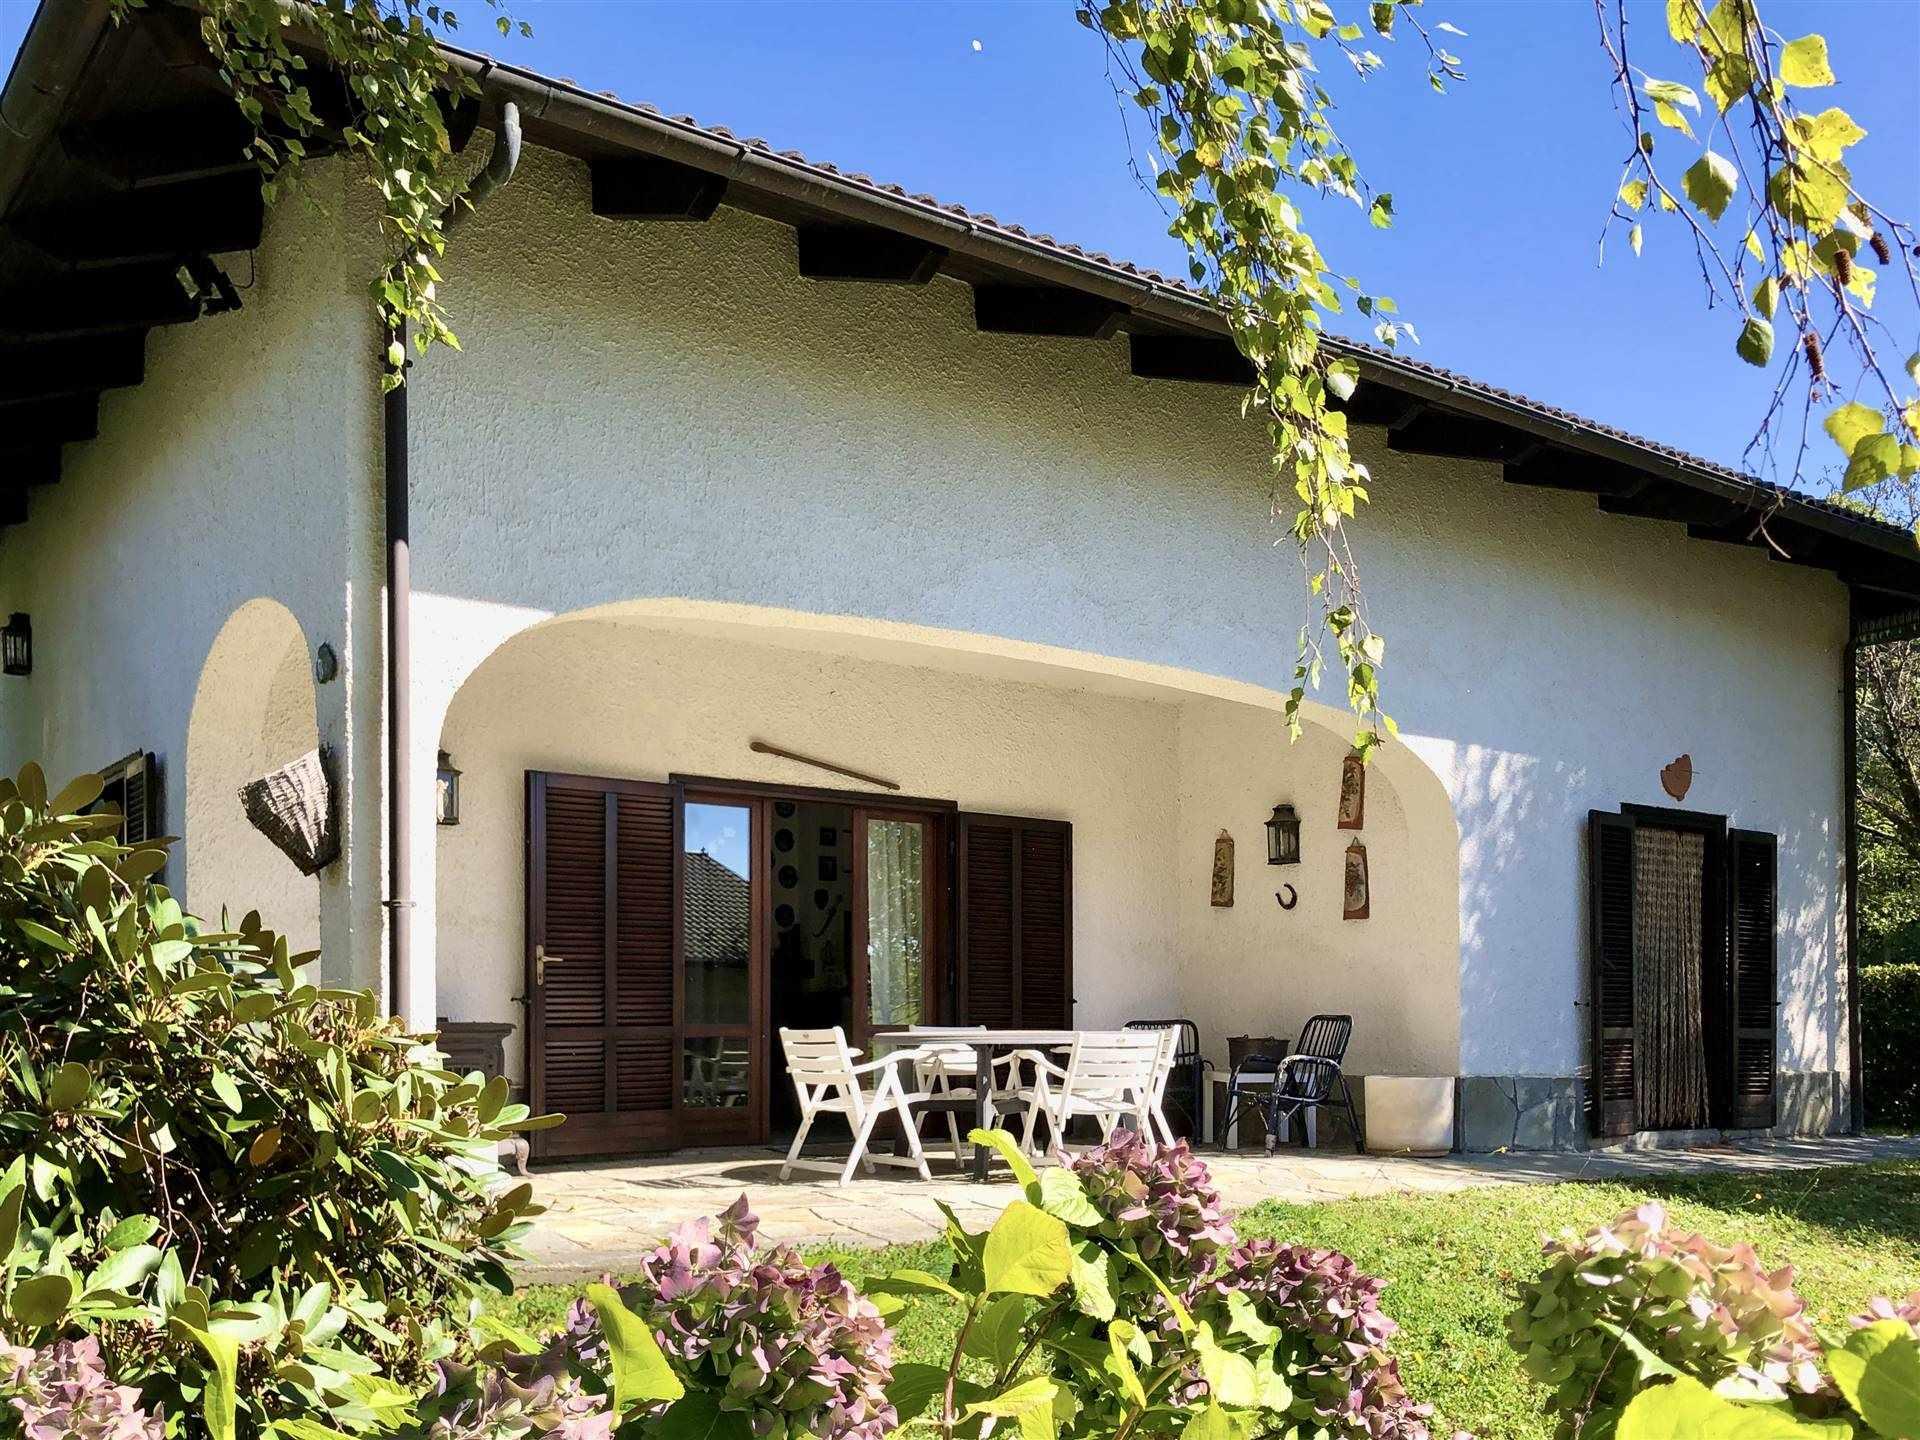 Soluzione Indipendente in vendita a Vico Canavese, 6 locali, prezzo € 140.000 | PortaleAgenzieImmobiliari.it